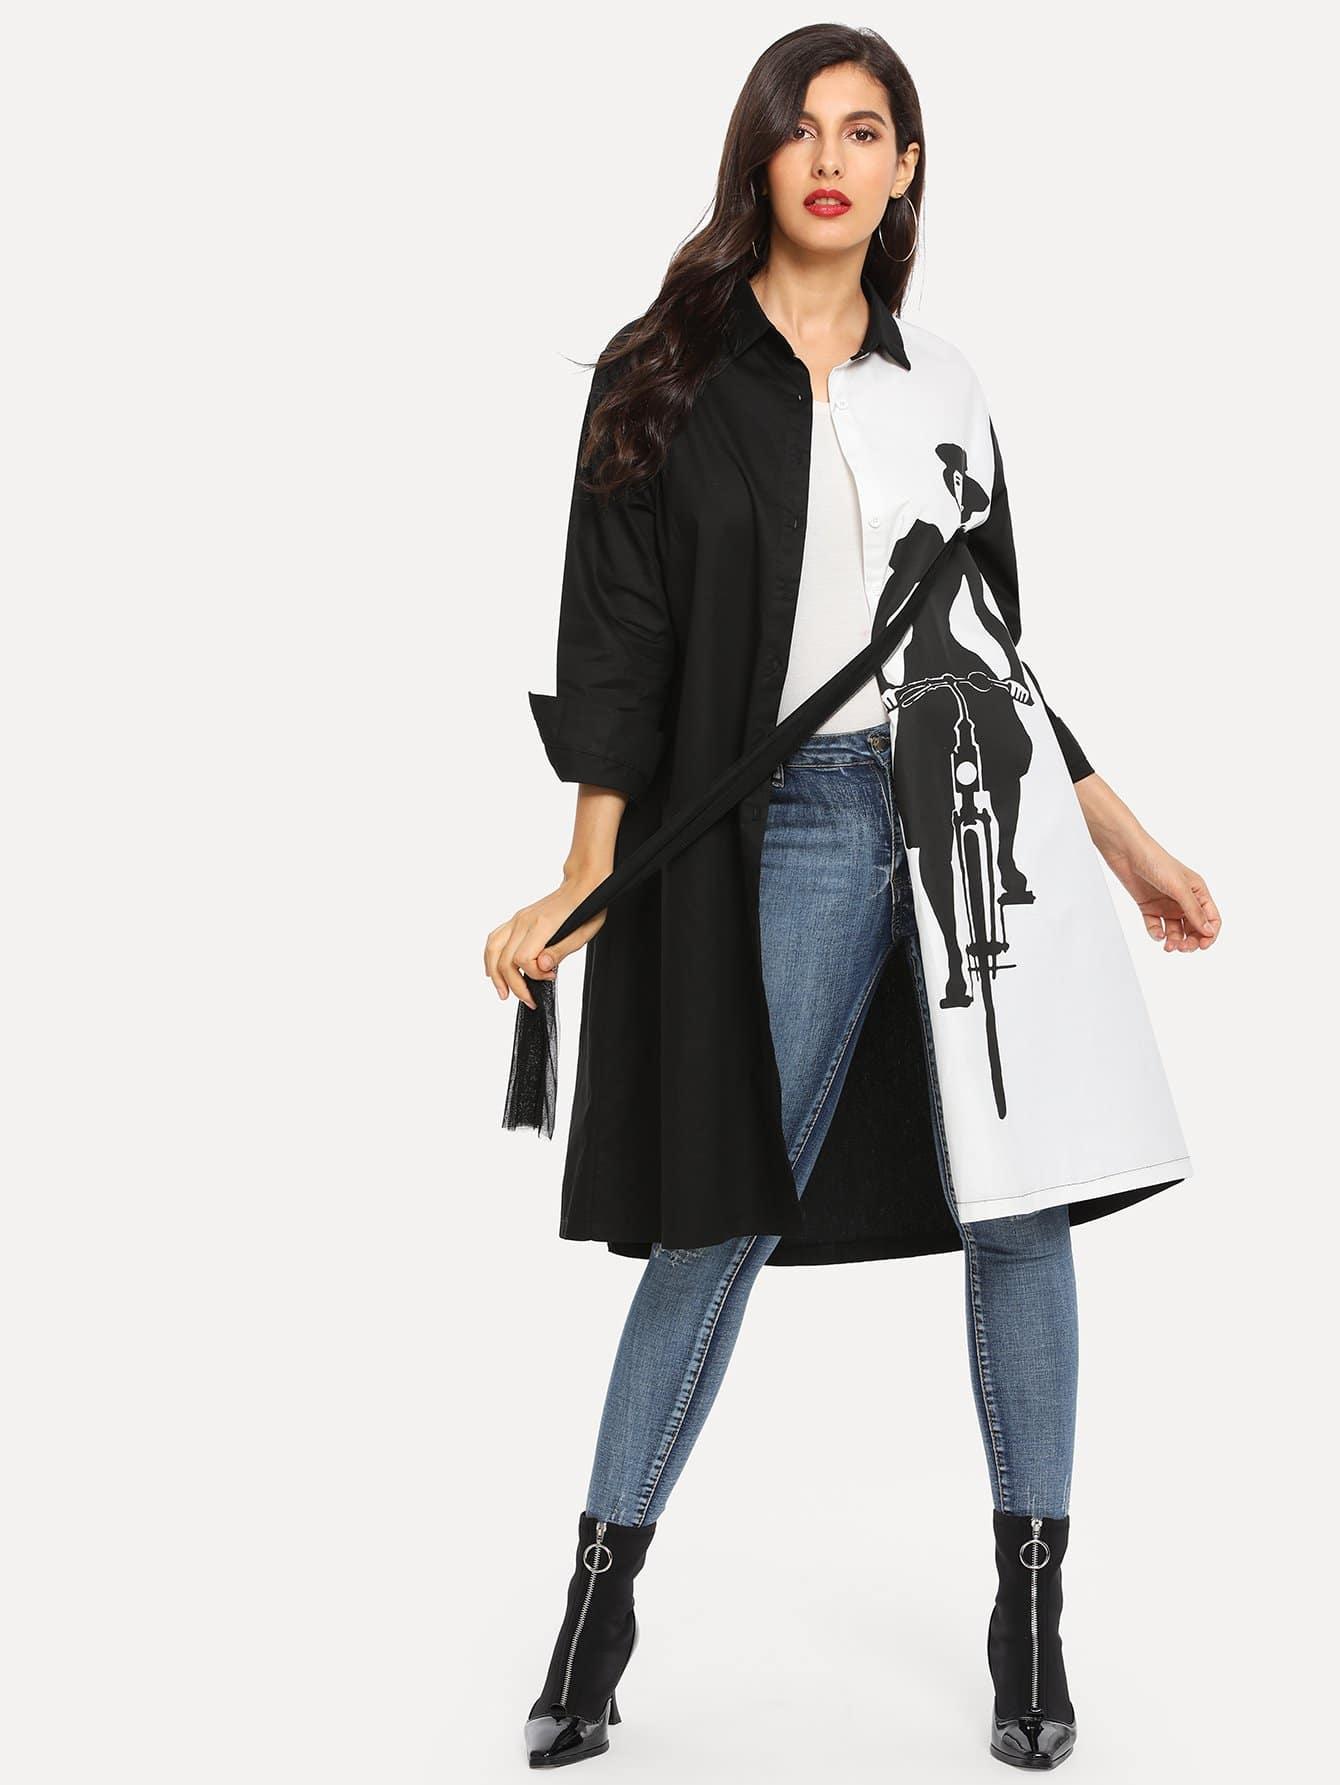 Двухцветное пальто с принтом фигуры, Jeane, SheIn  - купить со скидкой